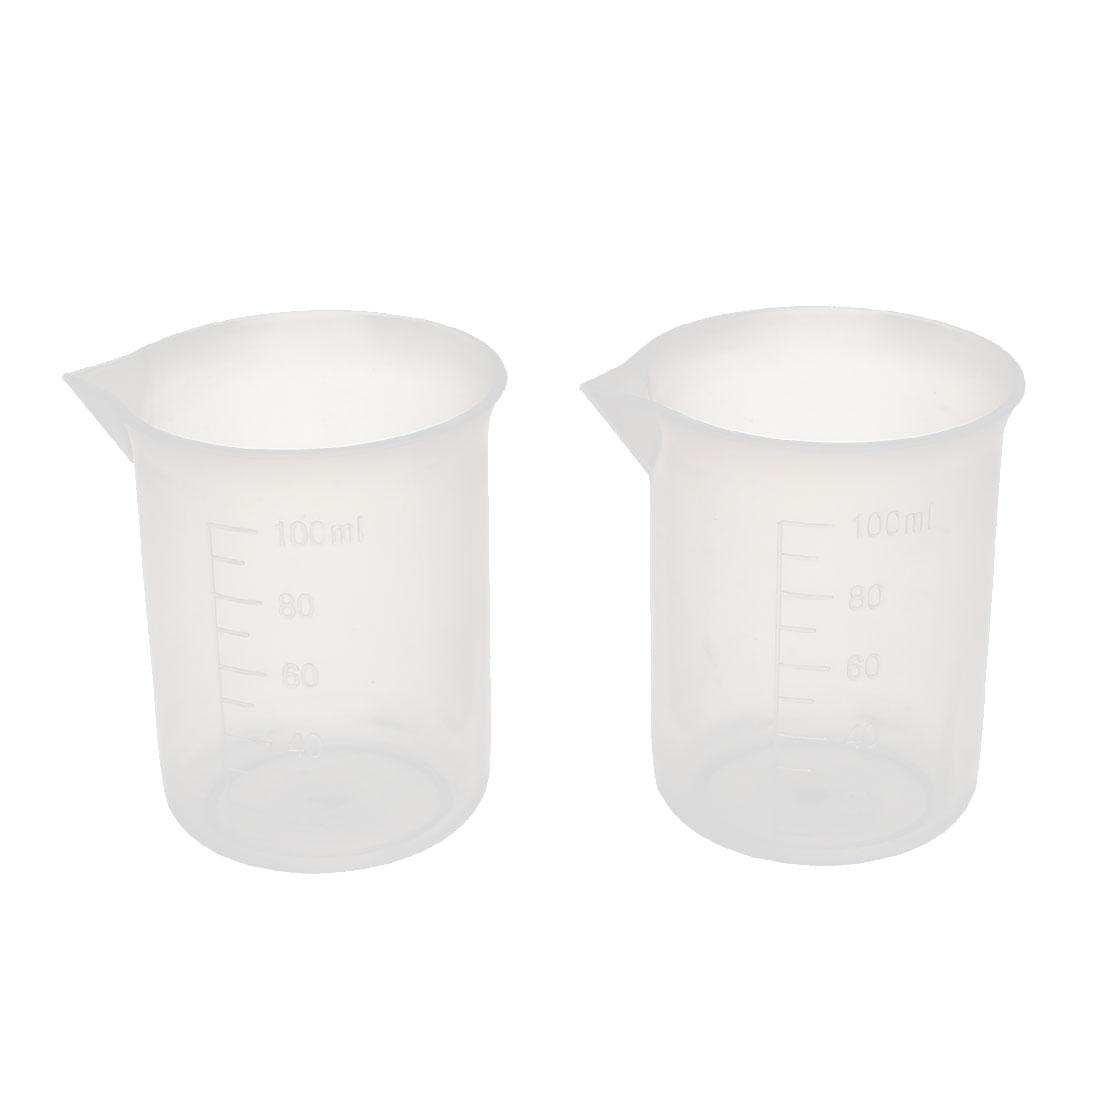 2Pcs 100ml Laboratory Transparent Plastic Liquid Container Measuring Cup Beaker